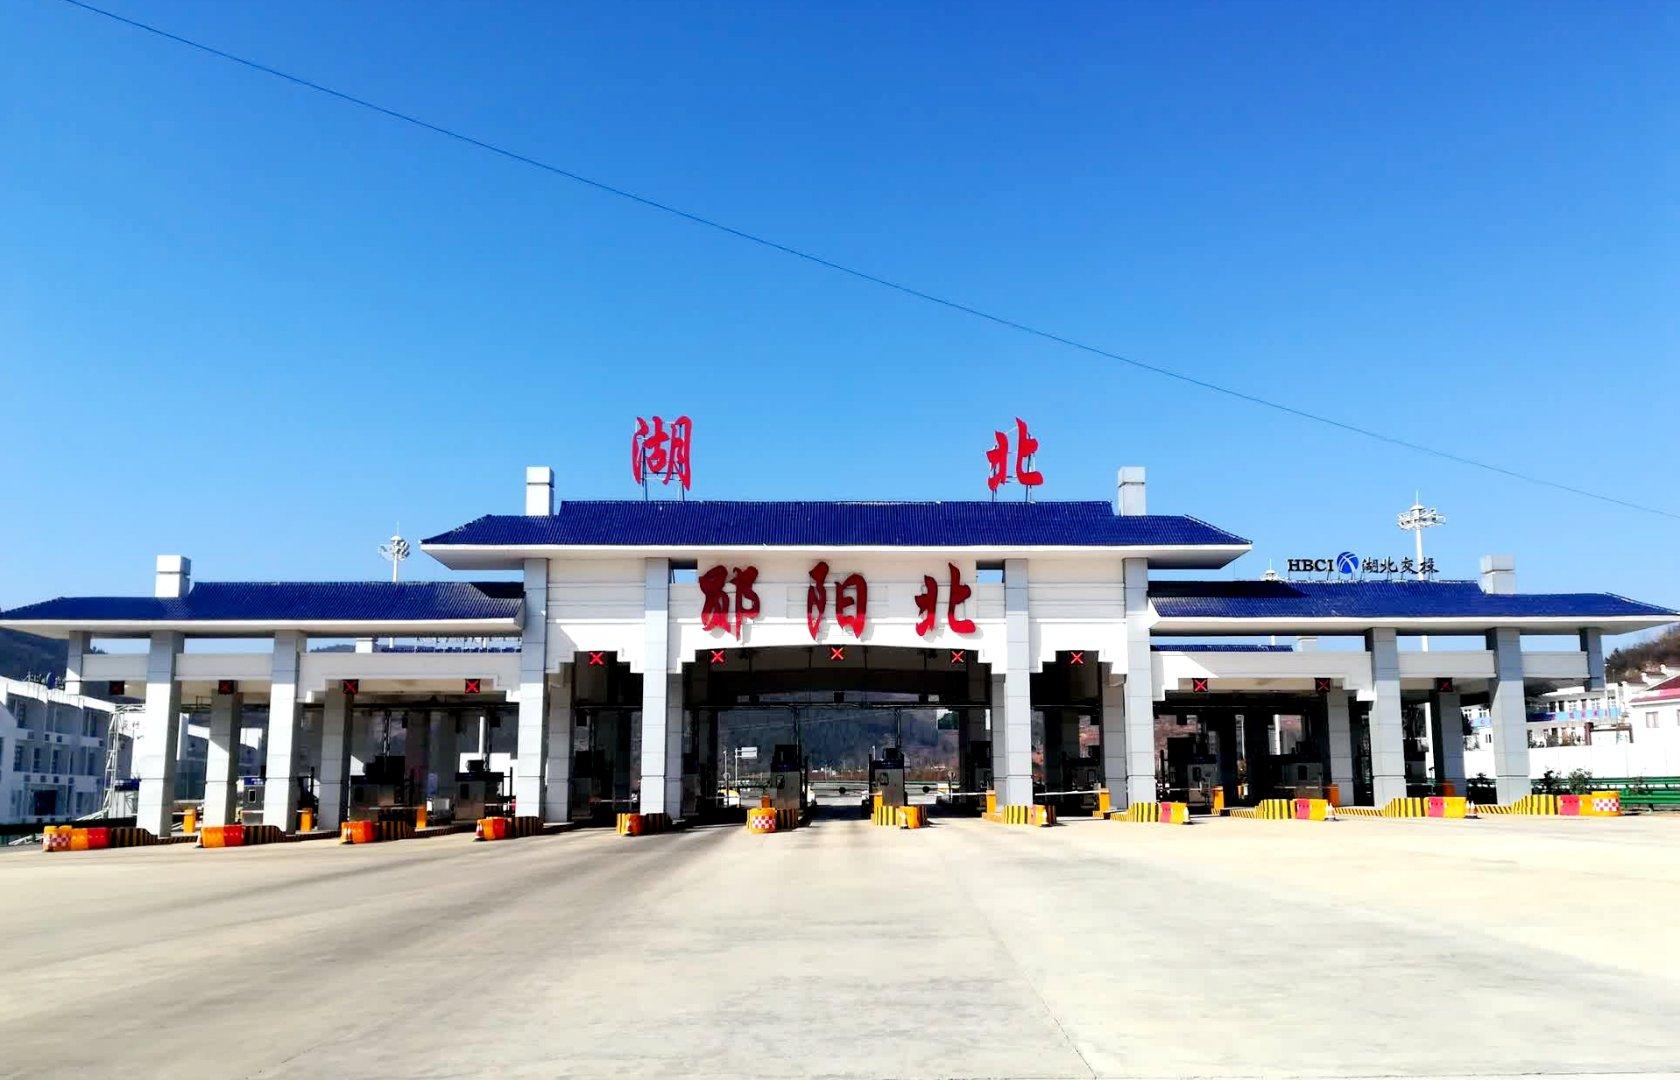 呼北高速十堰境内鄂豫省界郧阳北收费站开启拆站模式